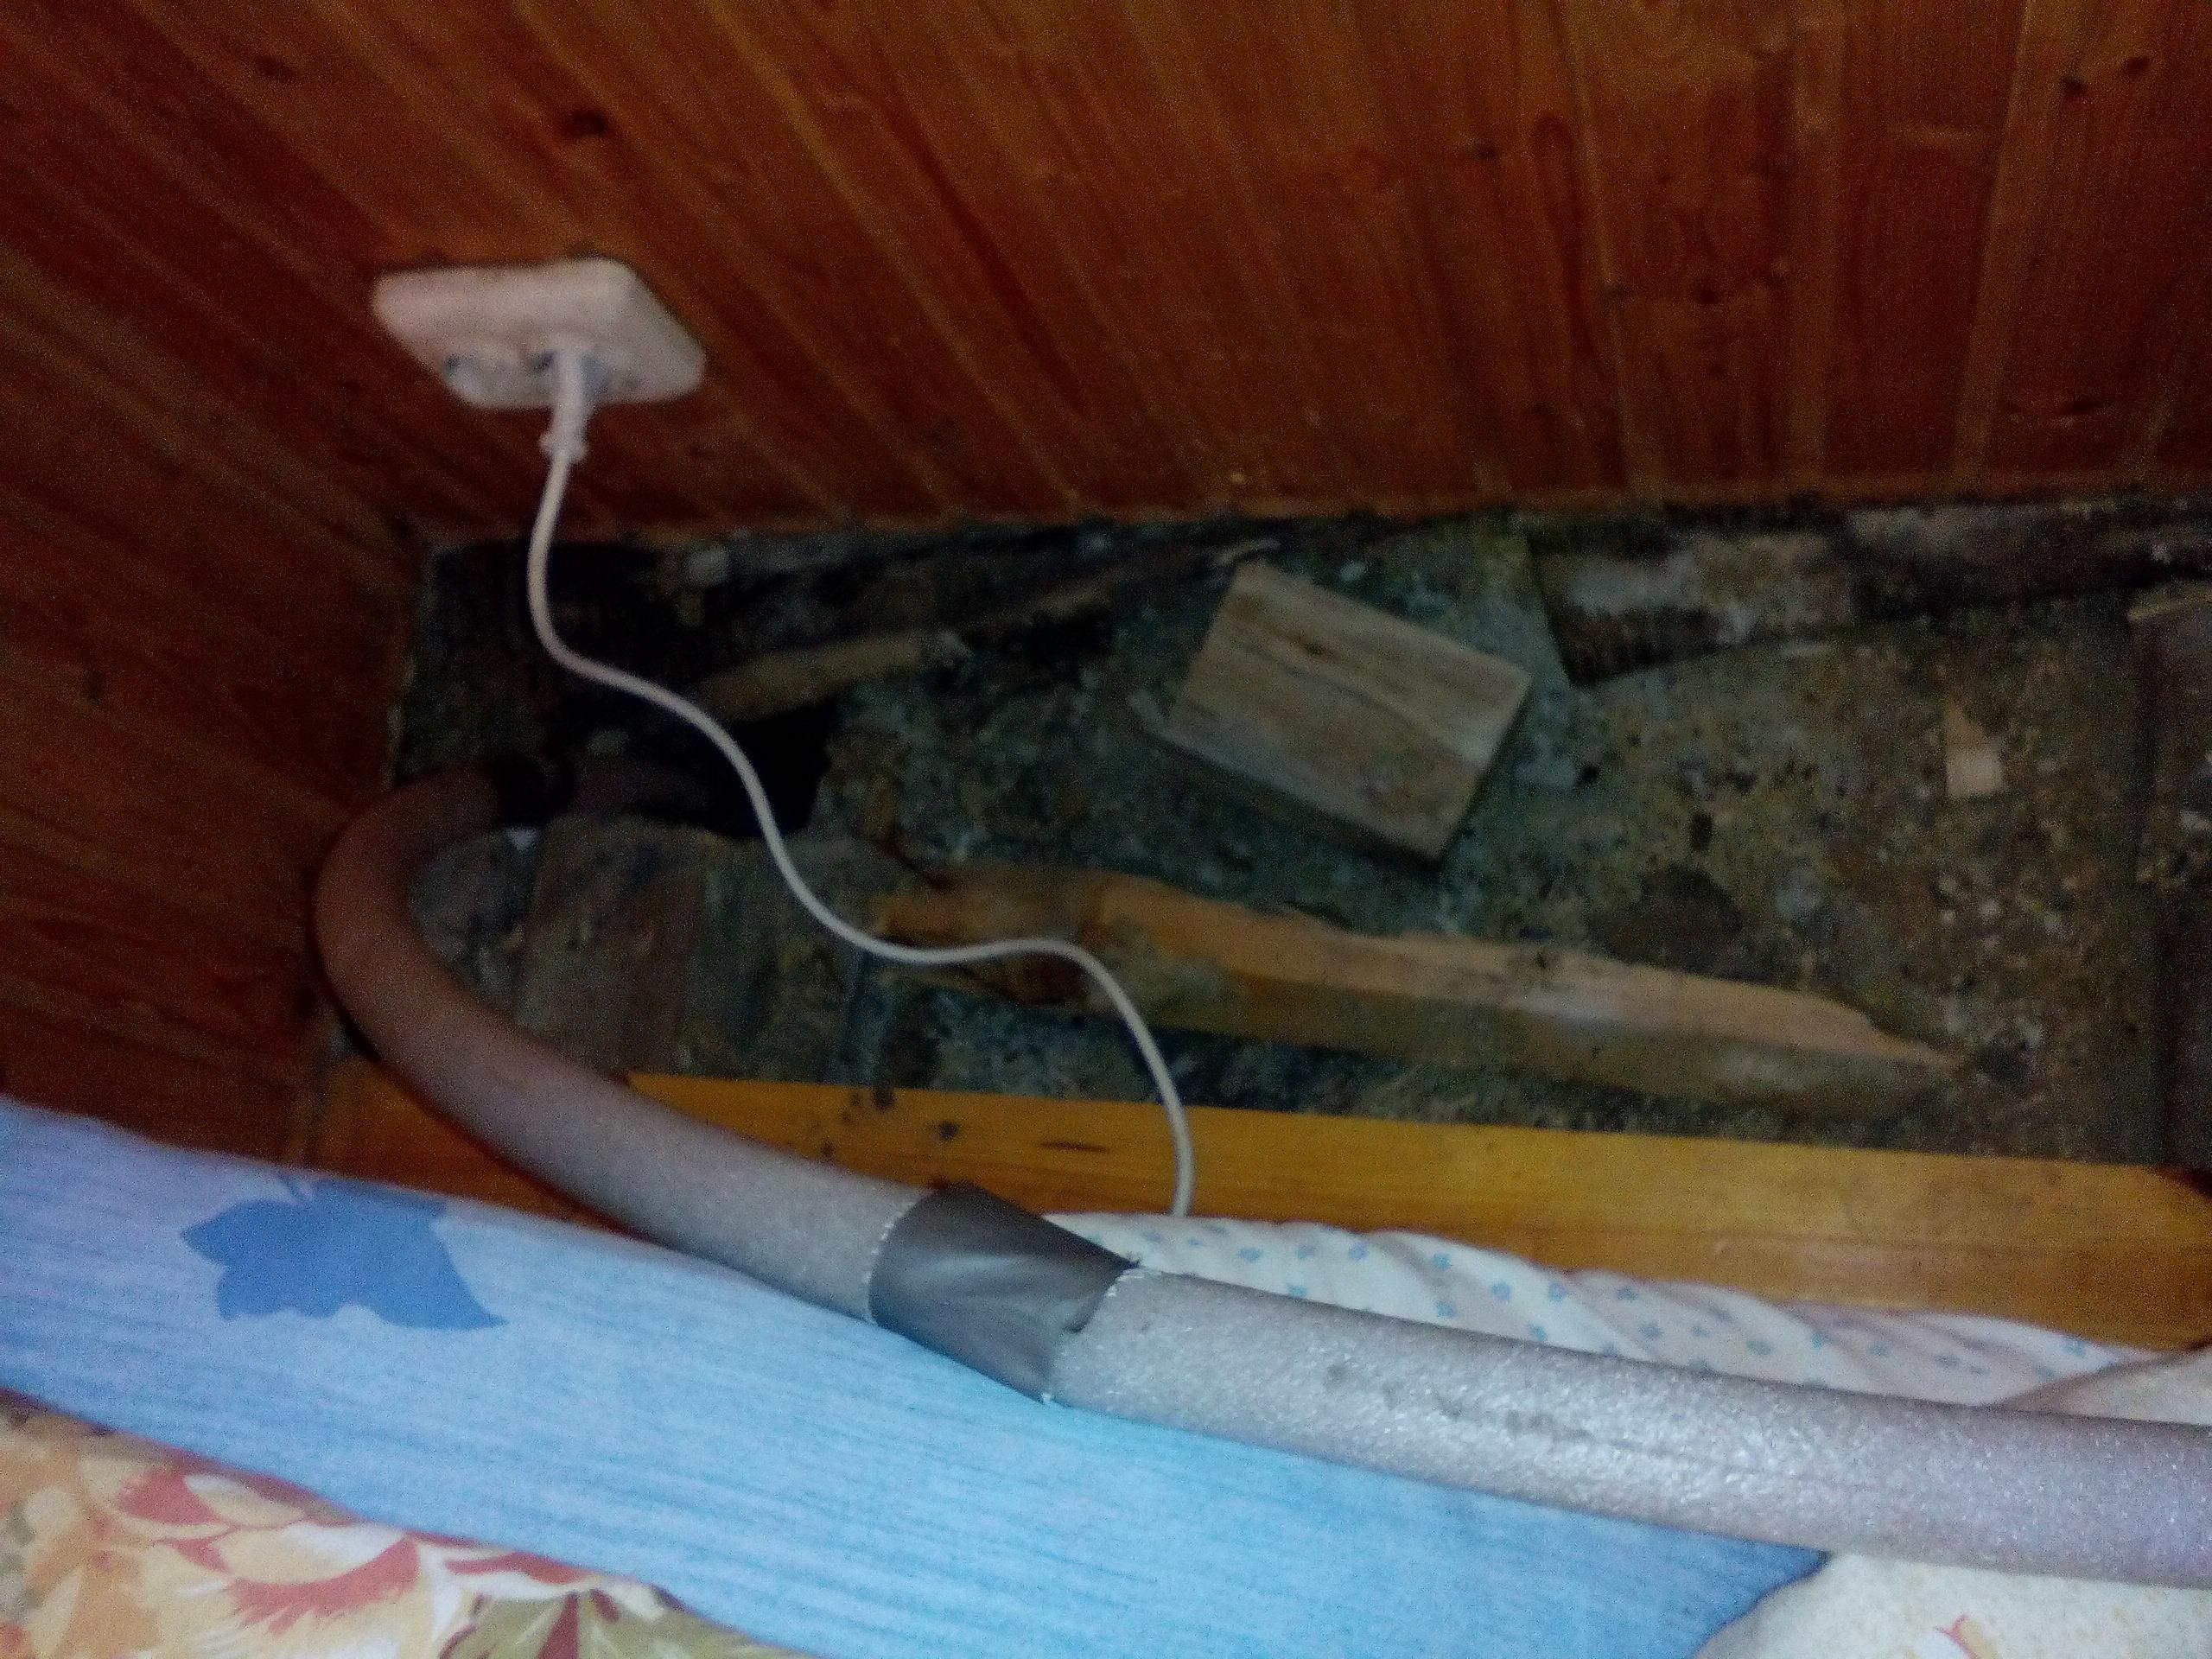 Неправильно подключение и завода трубы в дом водопроводной, халтура co стороны сантехников